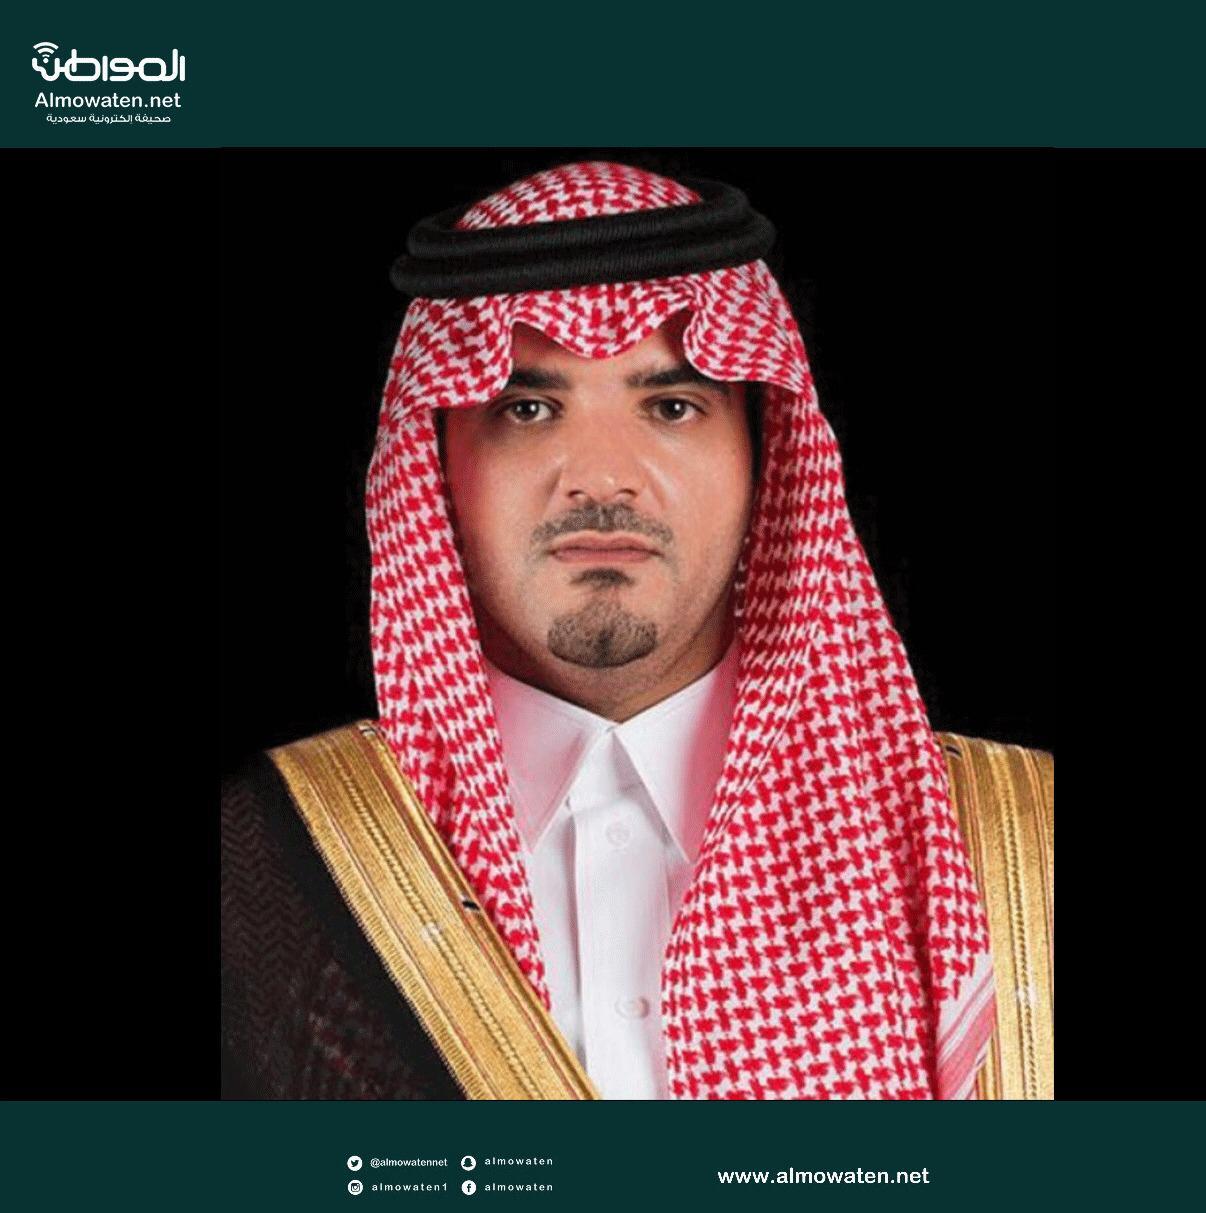 وزير الداخلية يوجه بالتحقيق في تصرف مشهور خلال مناسبة شهداء الواجب